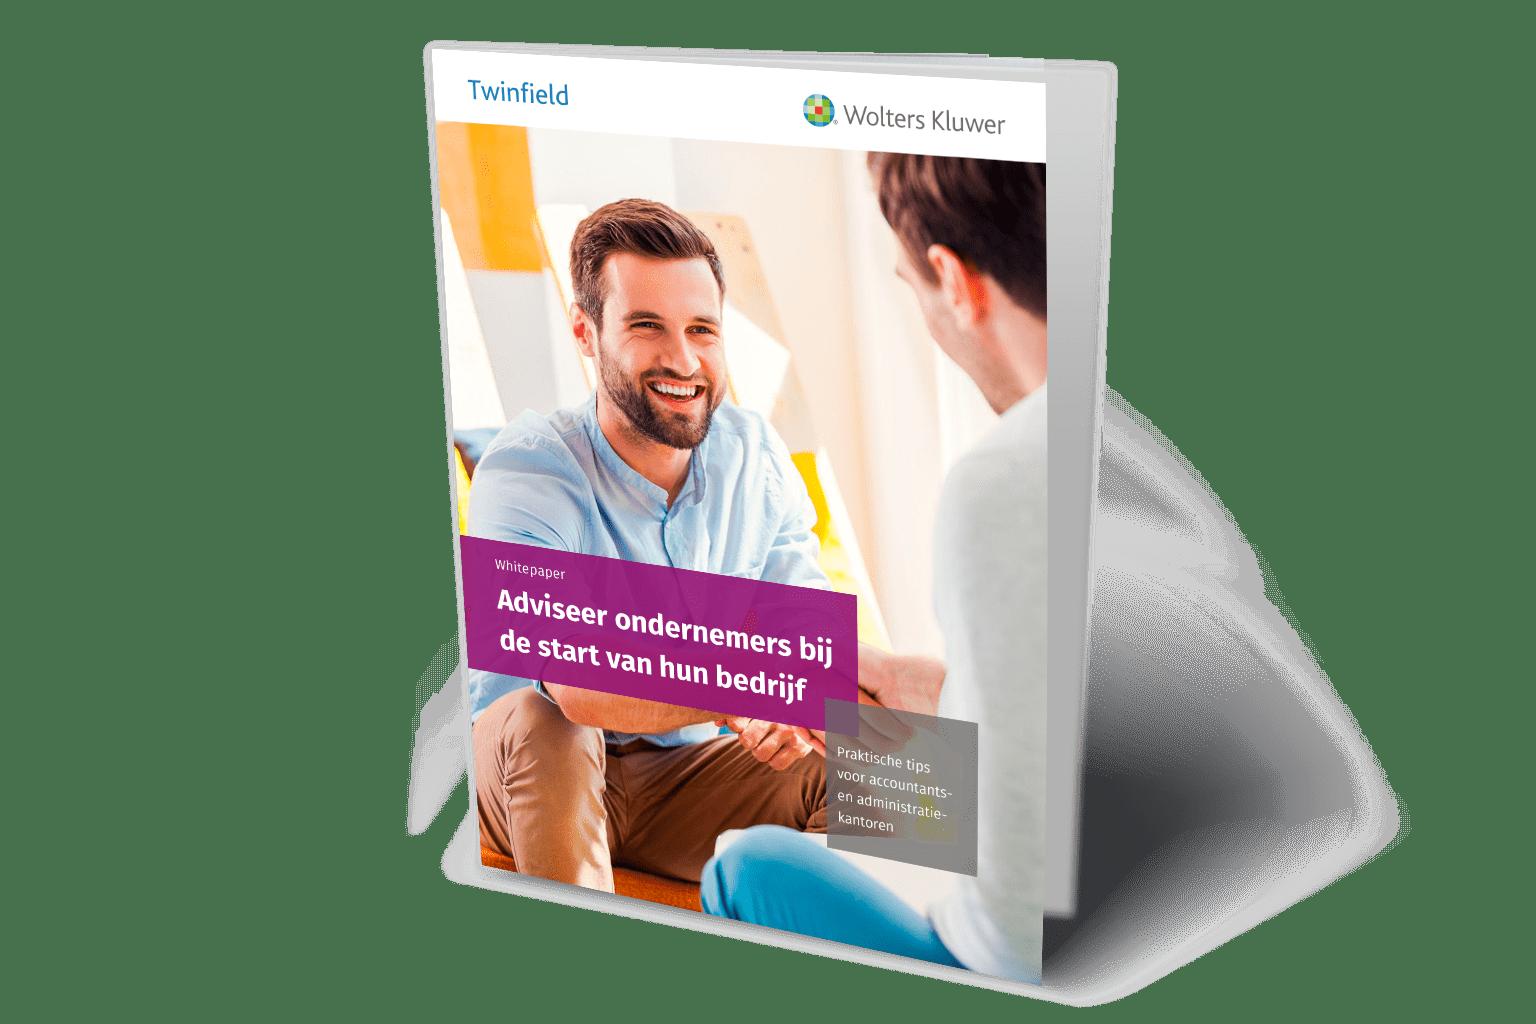 Cover whitepaper Adviseer ondernemers bij de start van een bedrijf